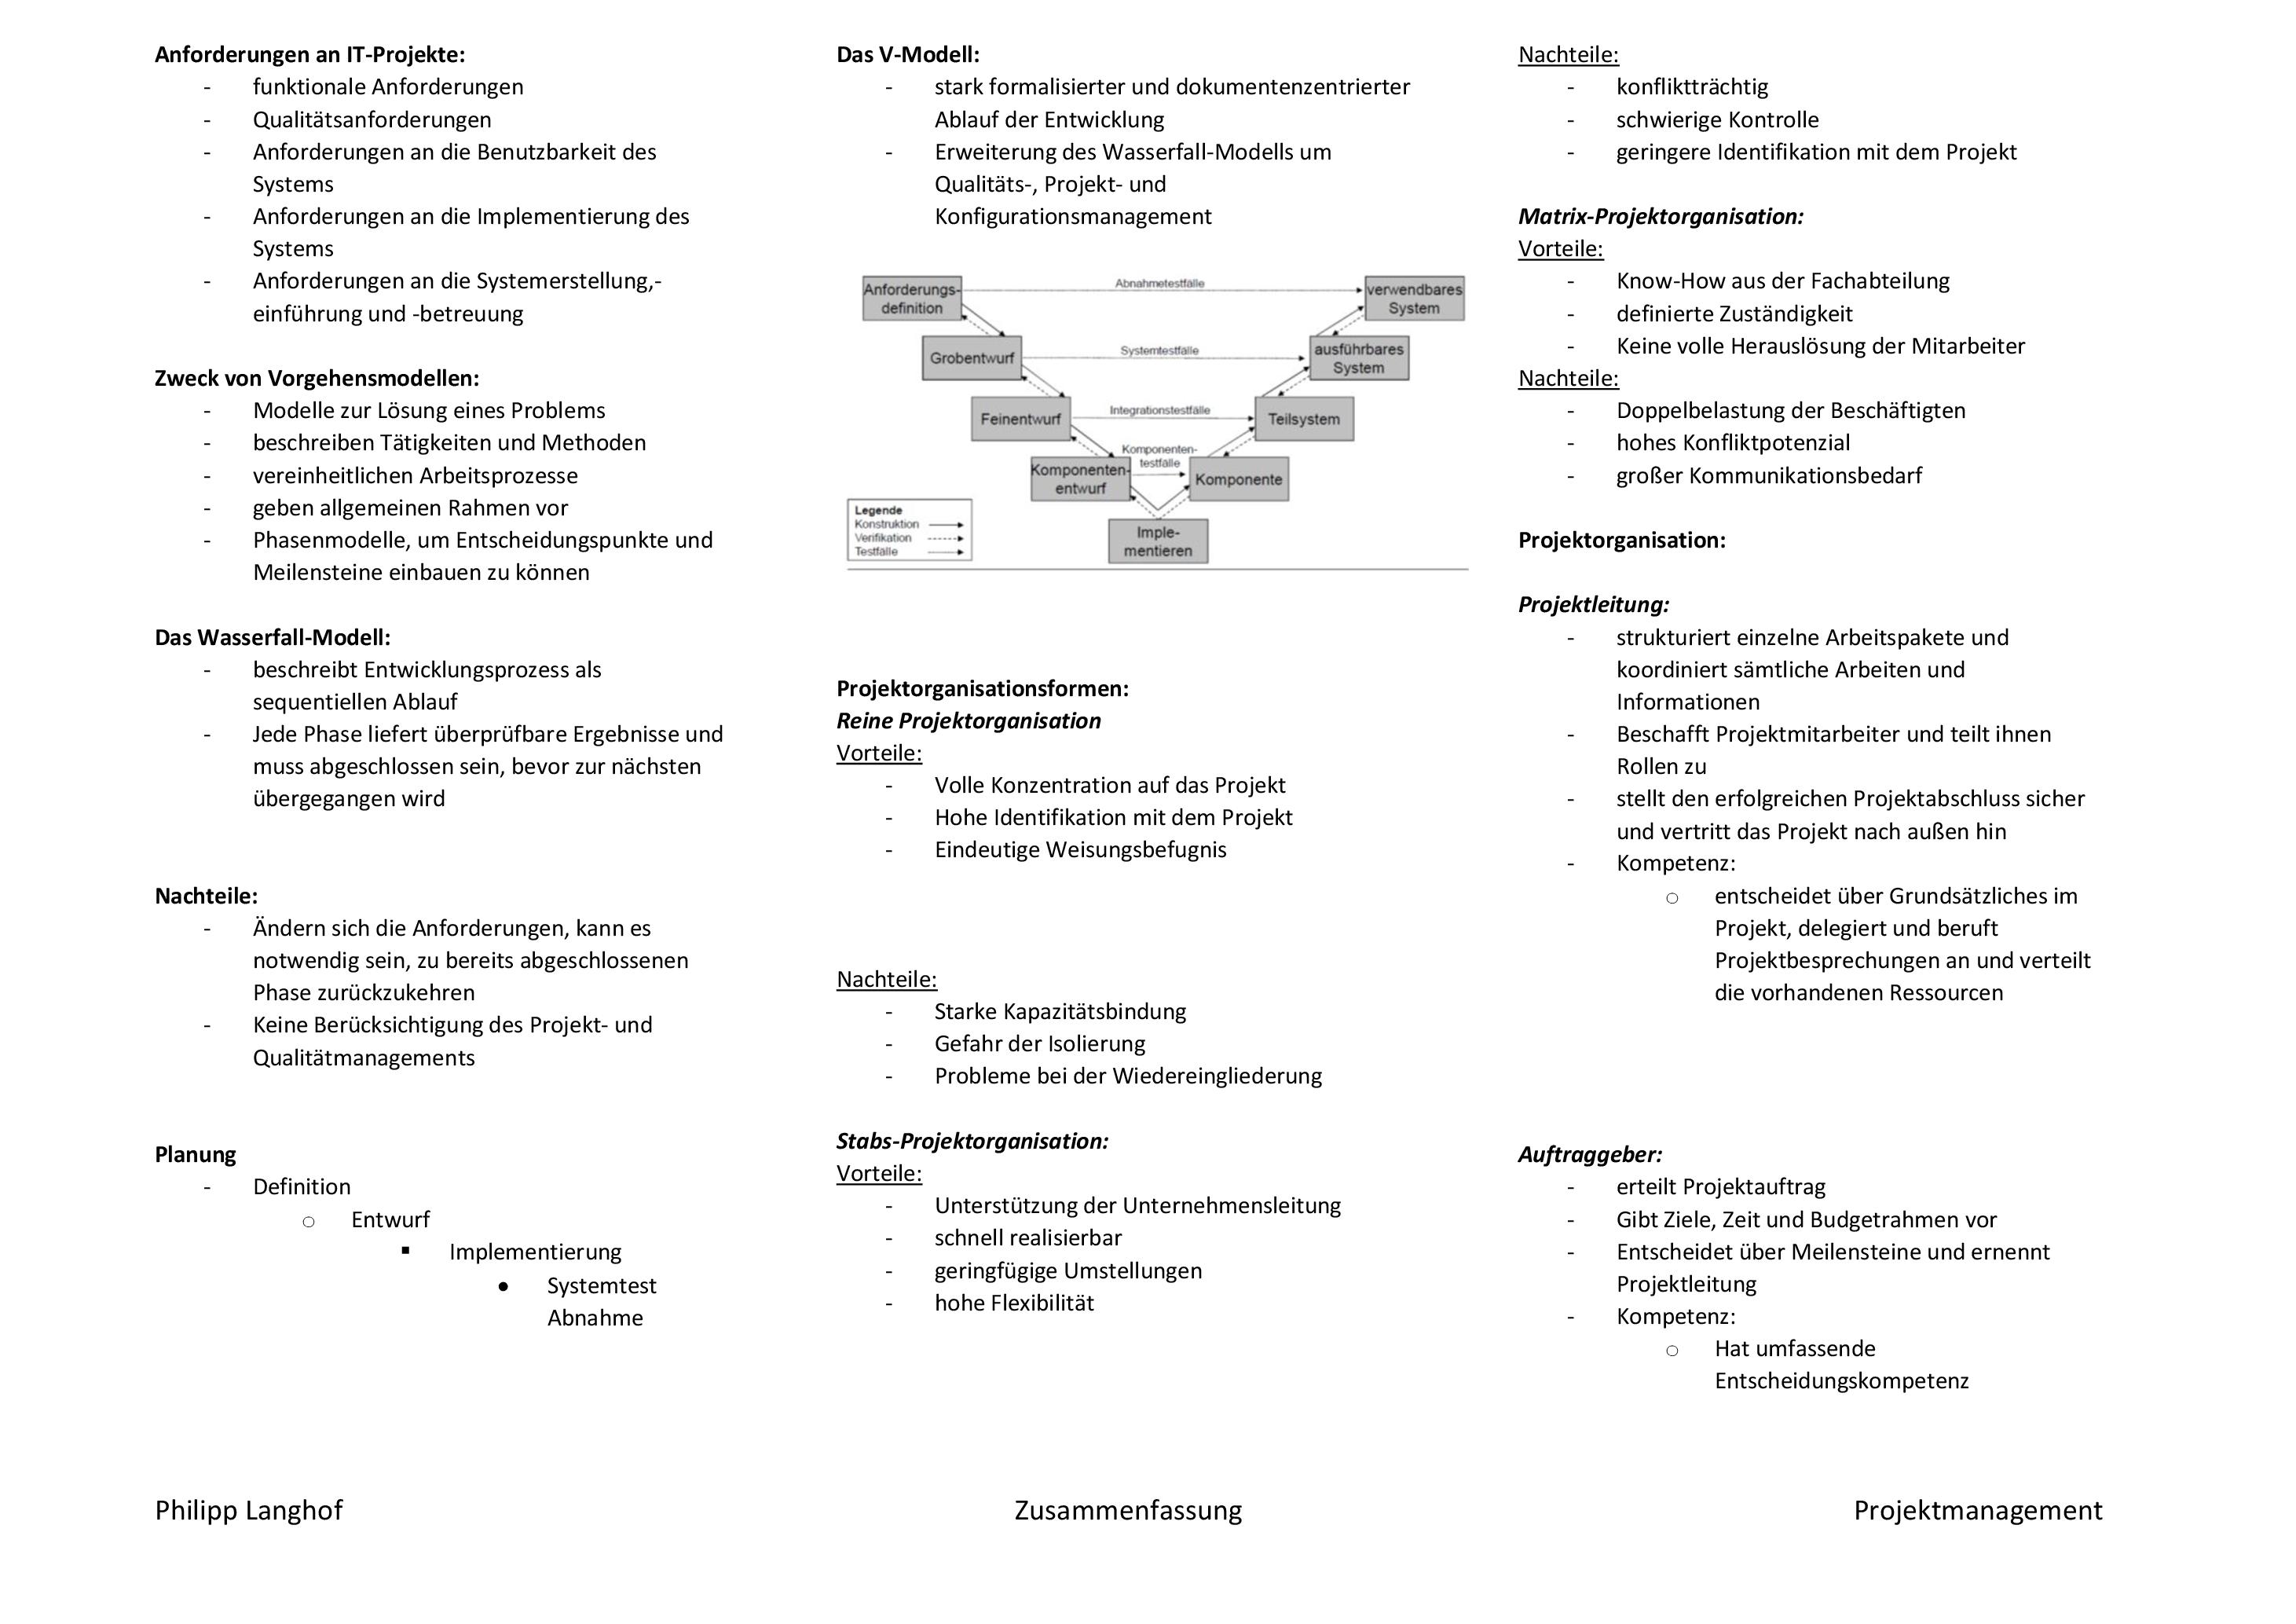 Projektmanagement-Zusammenfassung-Philipp-002 Zusammenfassung Projektmanagement